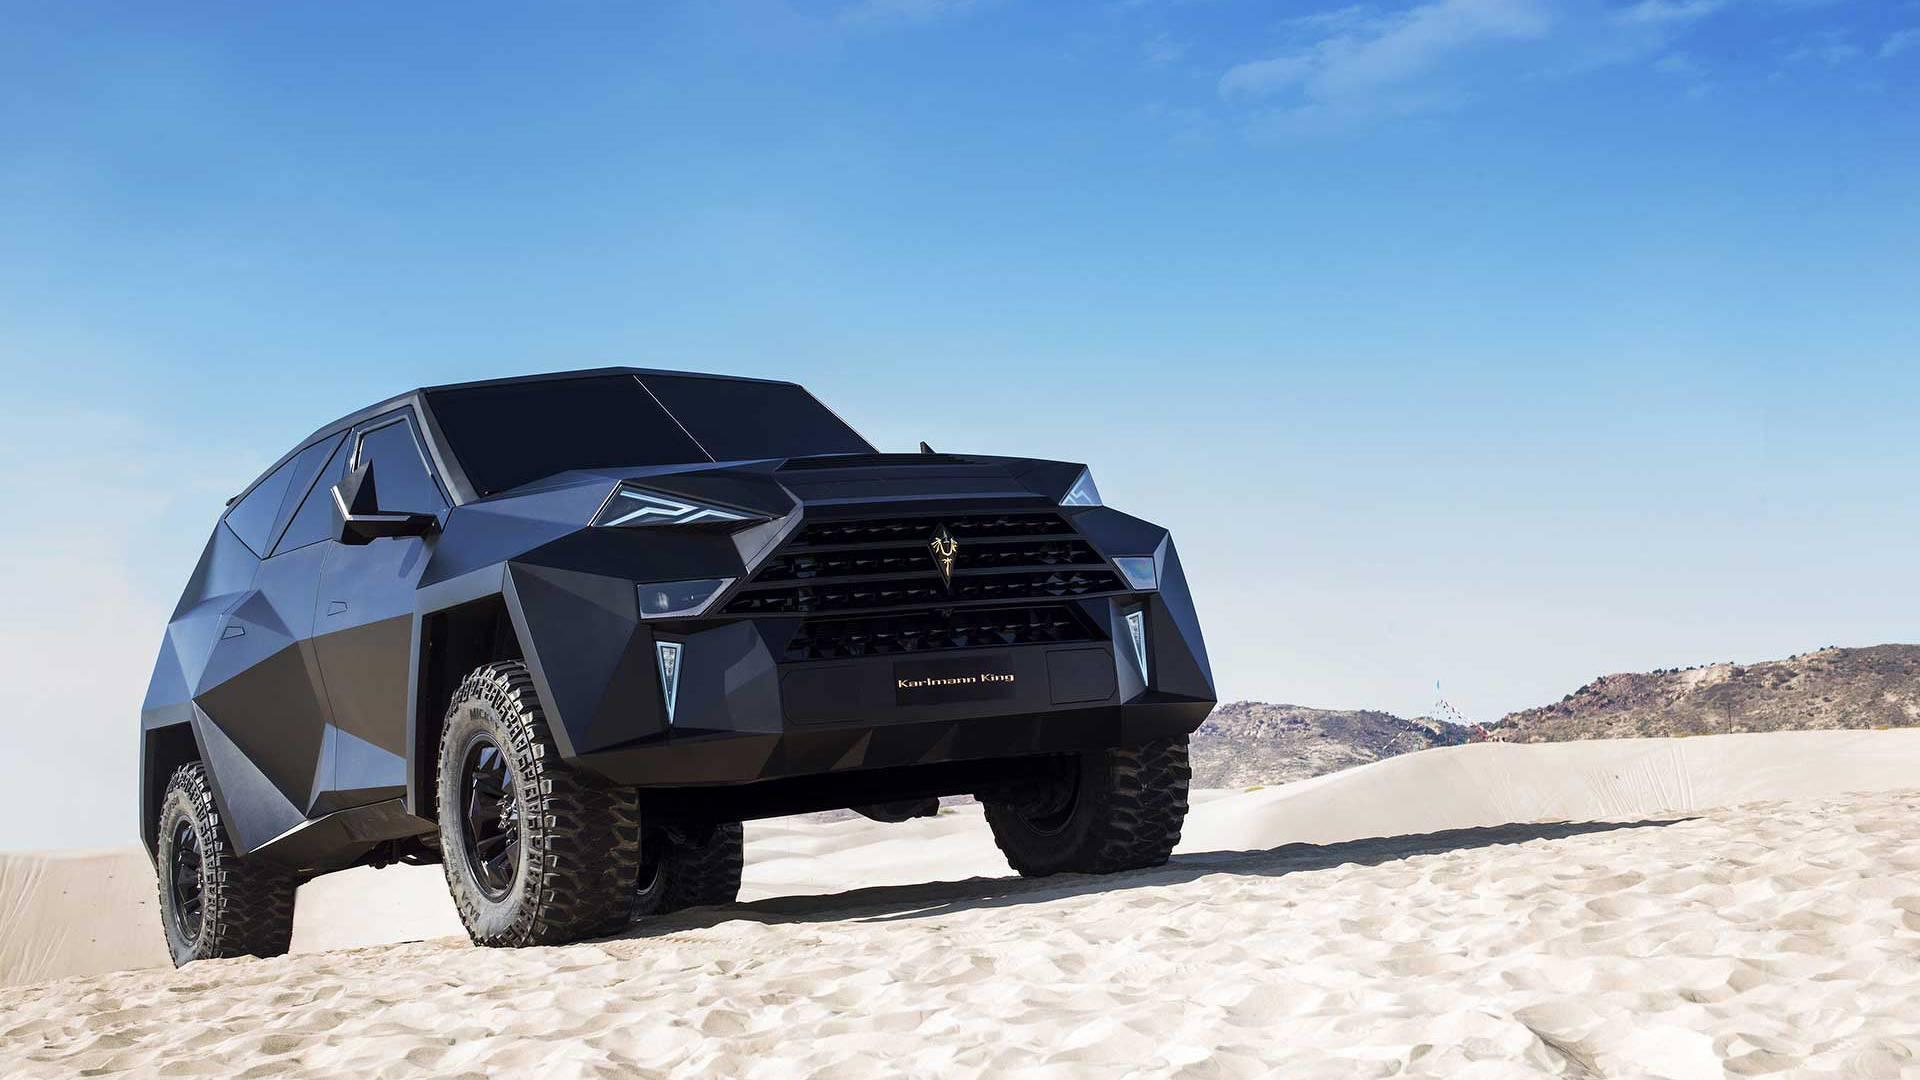 Karlmann King - Le SUV le plus cher du monde